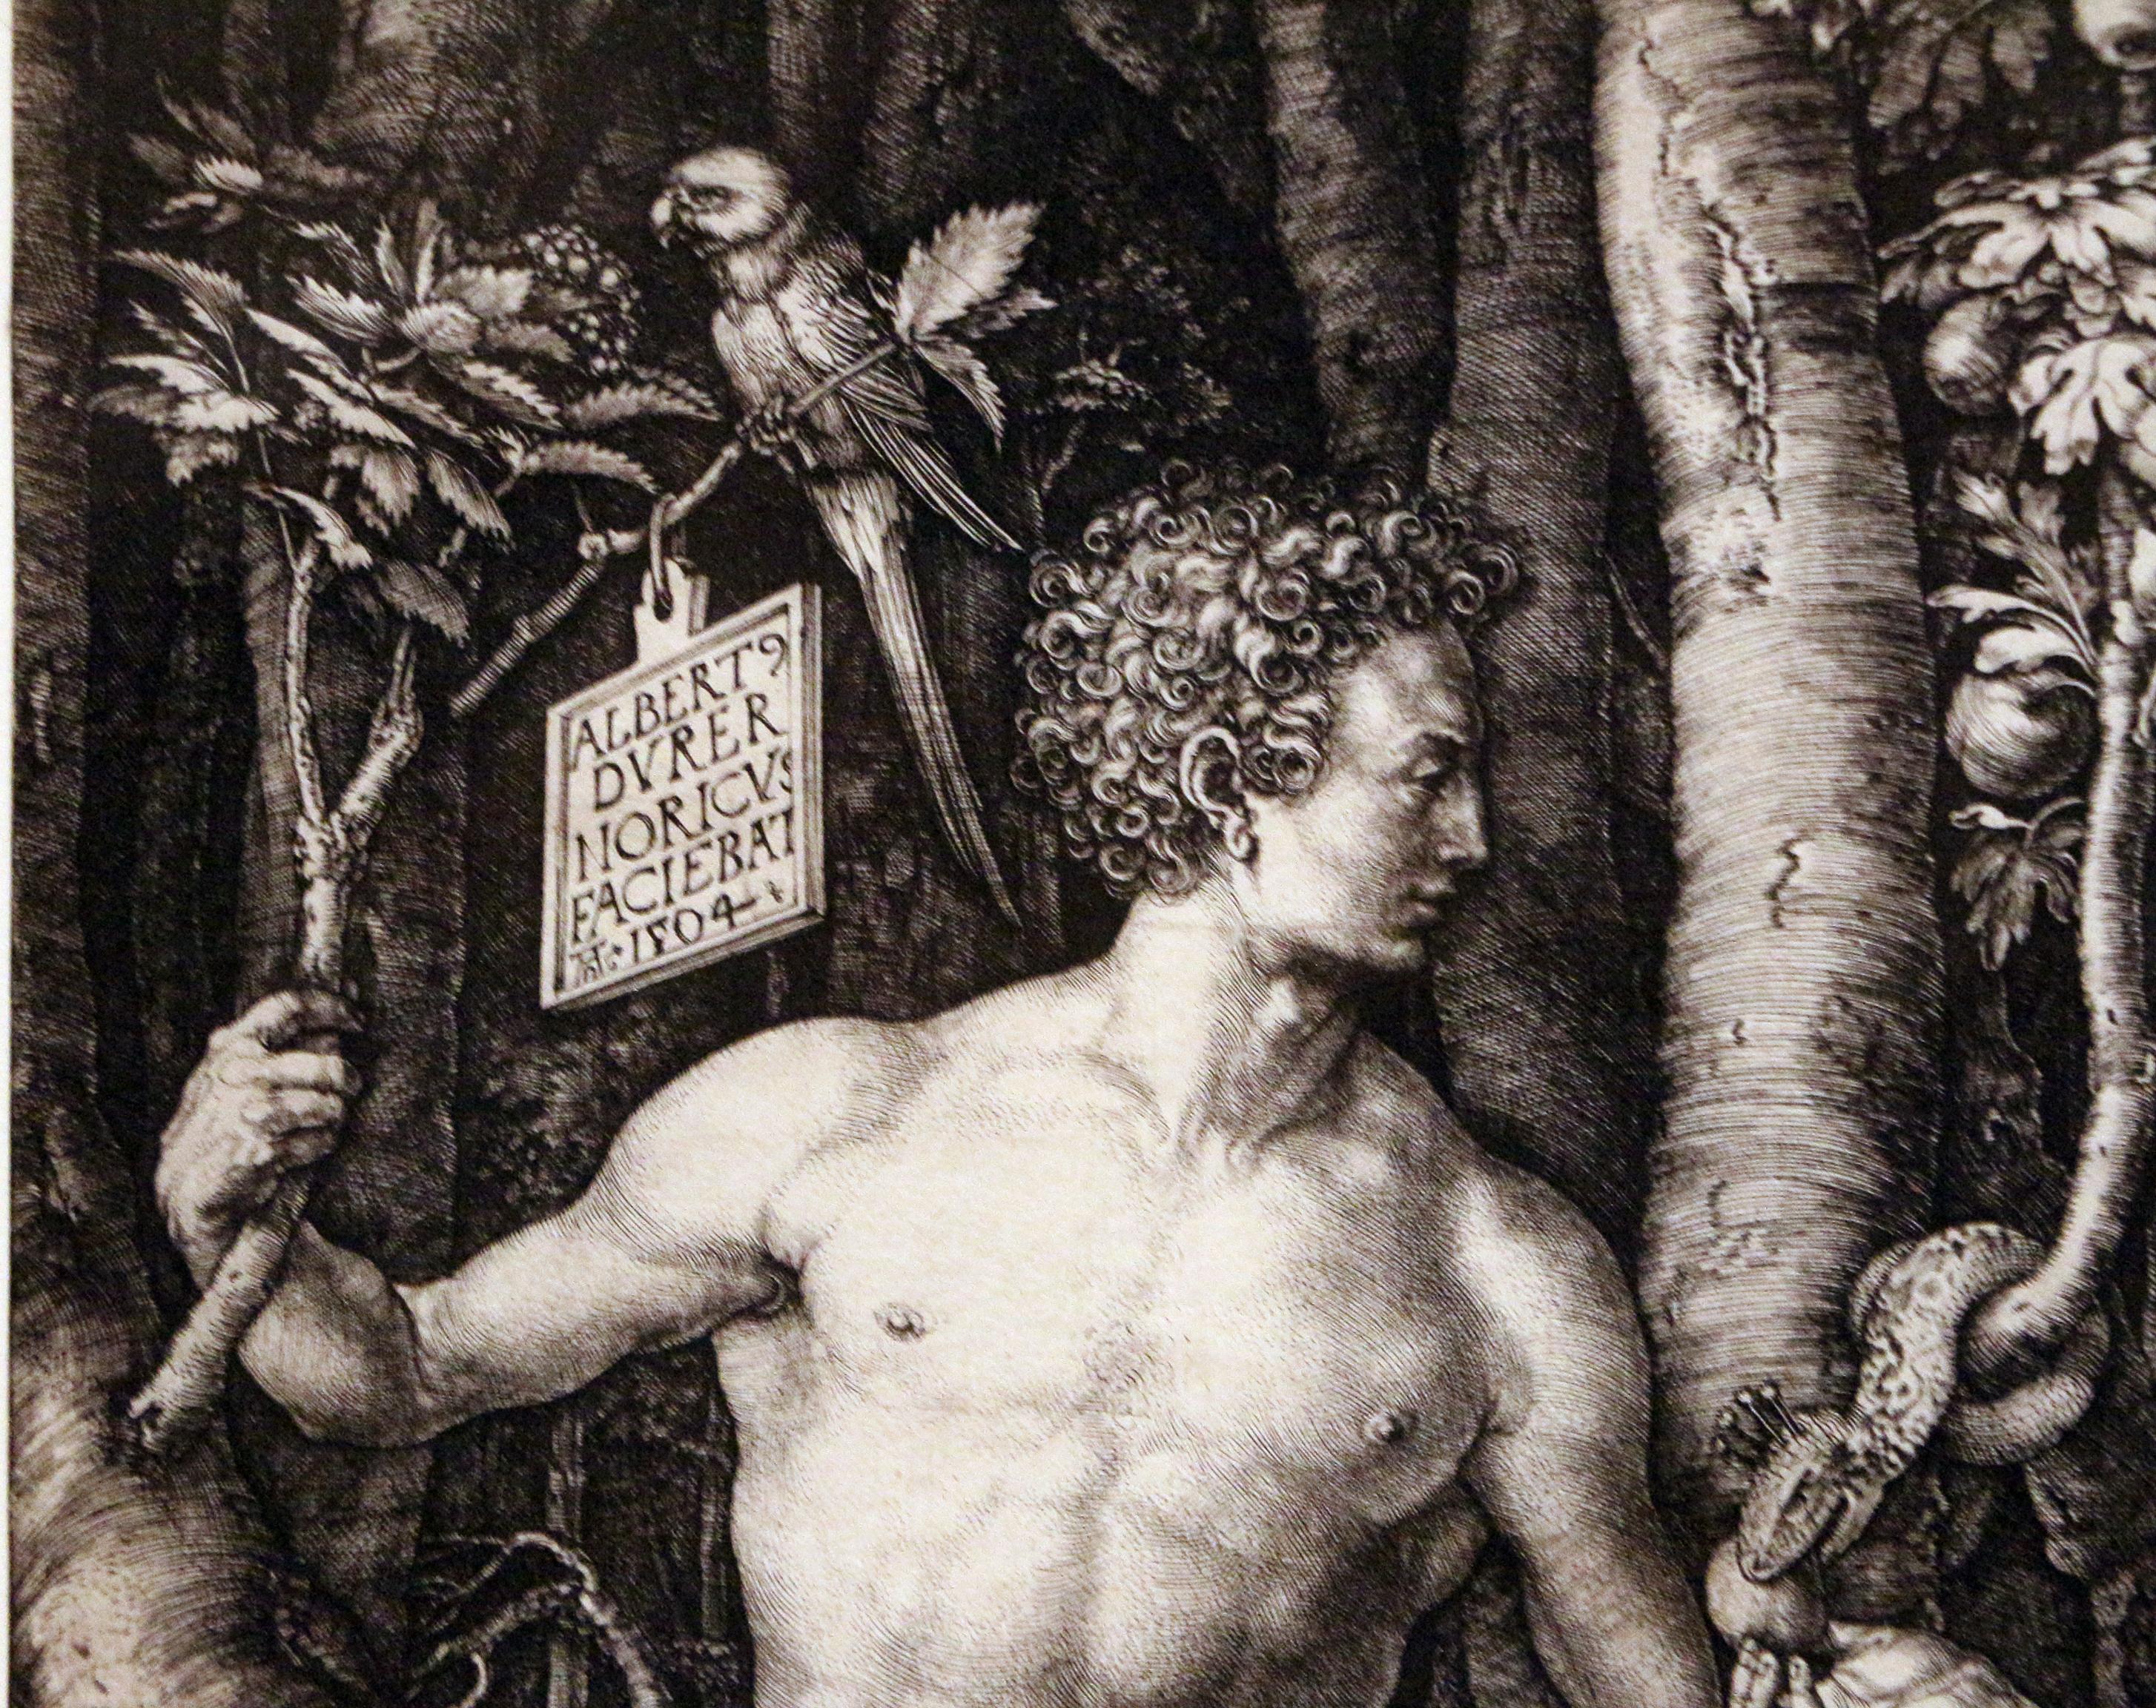 File:Albrecht dürer, adamo ed eva (cincinnati), 1504, 02 firma